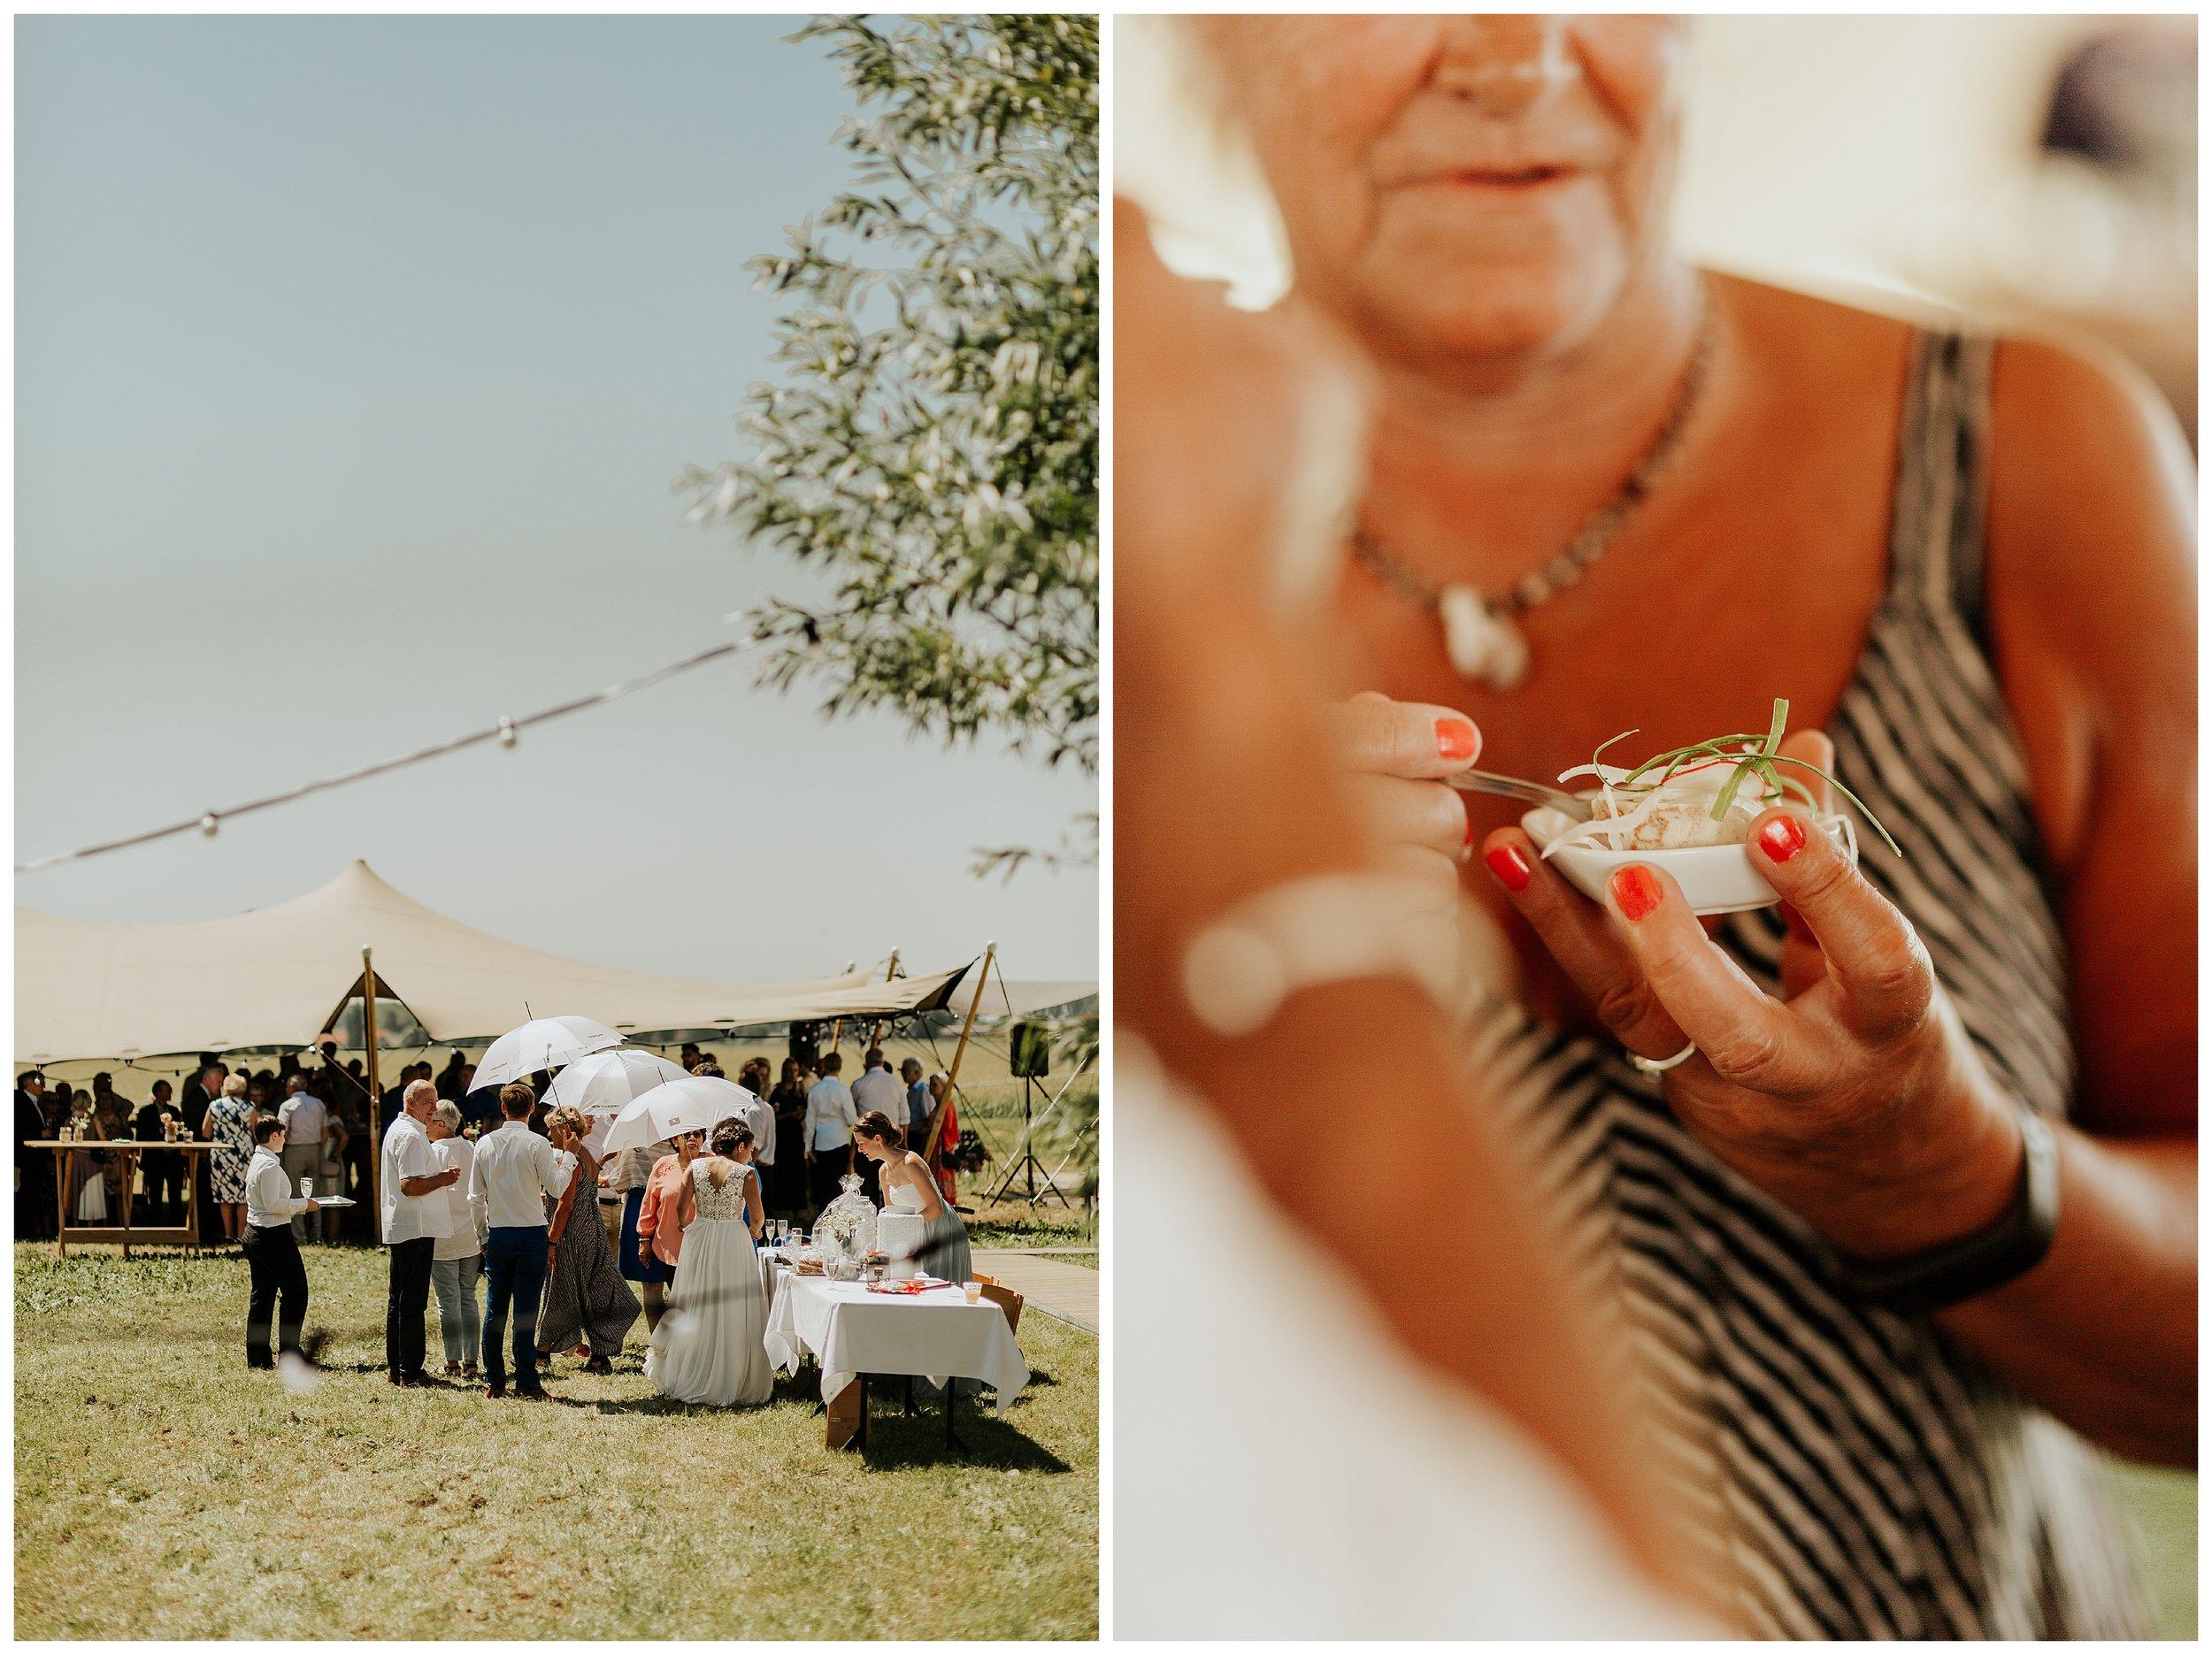 huwelijksfotograaf-huwelijksfotografie-knokke-heist-lisa-helsen-photography-trouwfotograaf-trouwfoto-sabine-pieter_0010.jpg